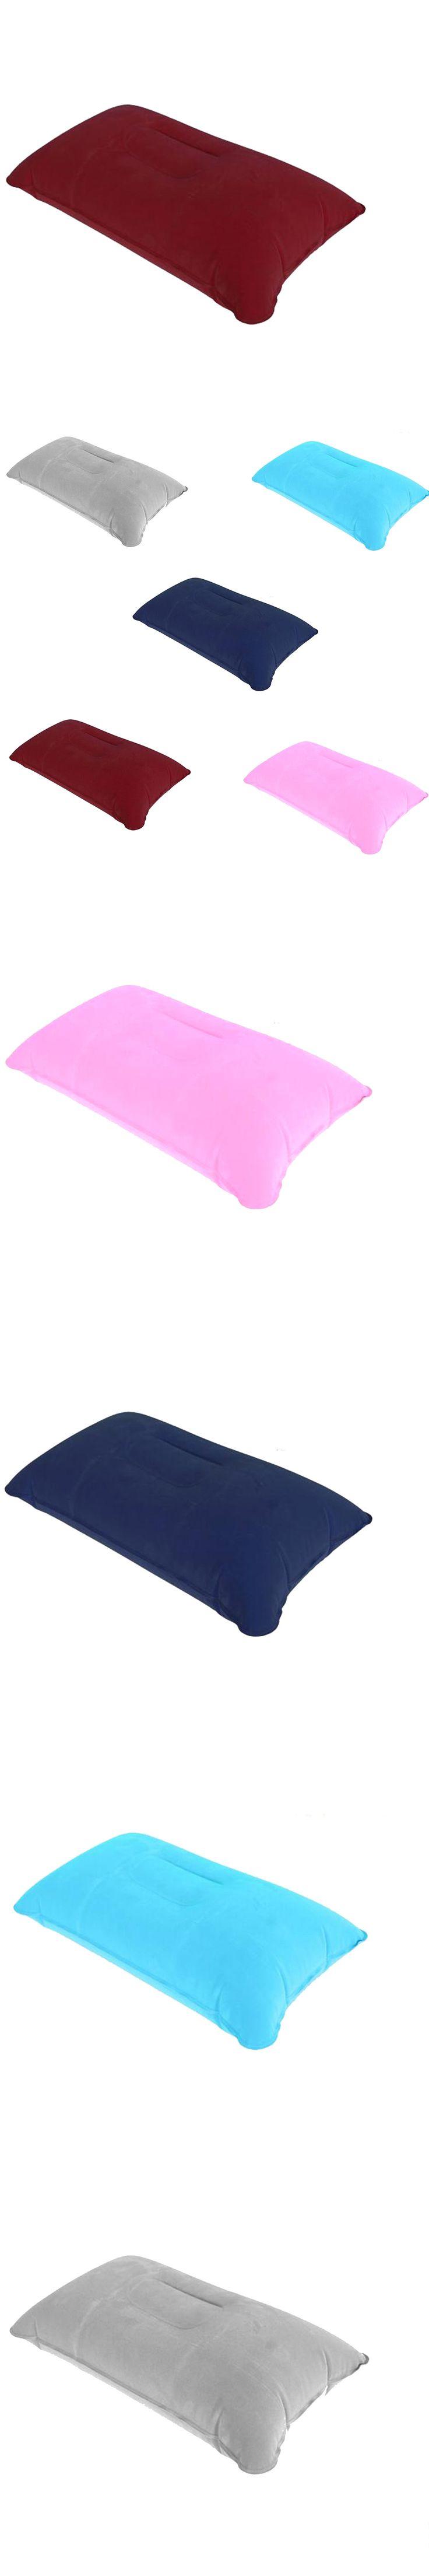 Dewtreetali Hot Sales Inflatable Pillow Travel Car Seat Chair Cushion Camp Beach Car Plane Head Rest Bed Sleep Car Cushions